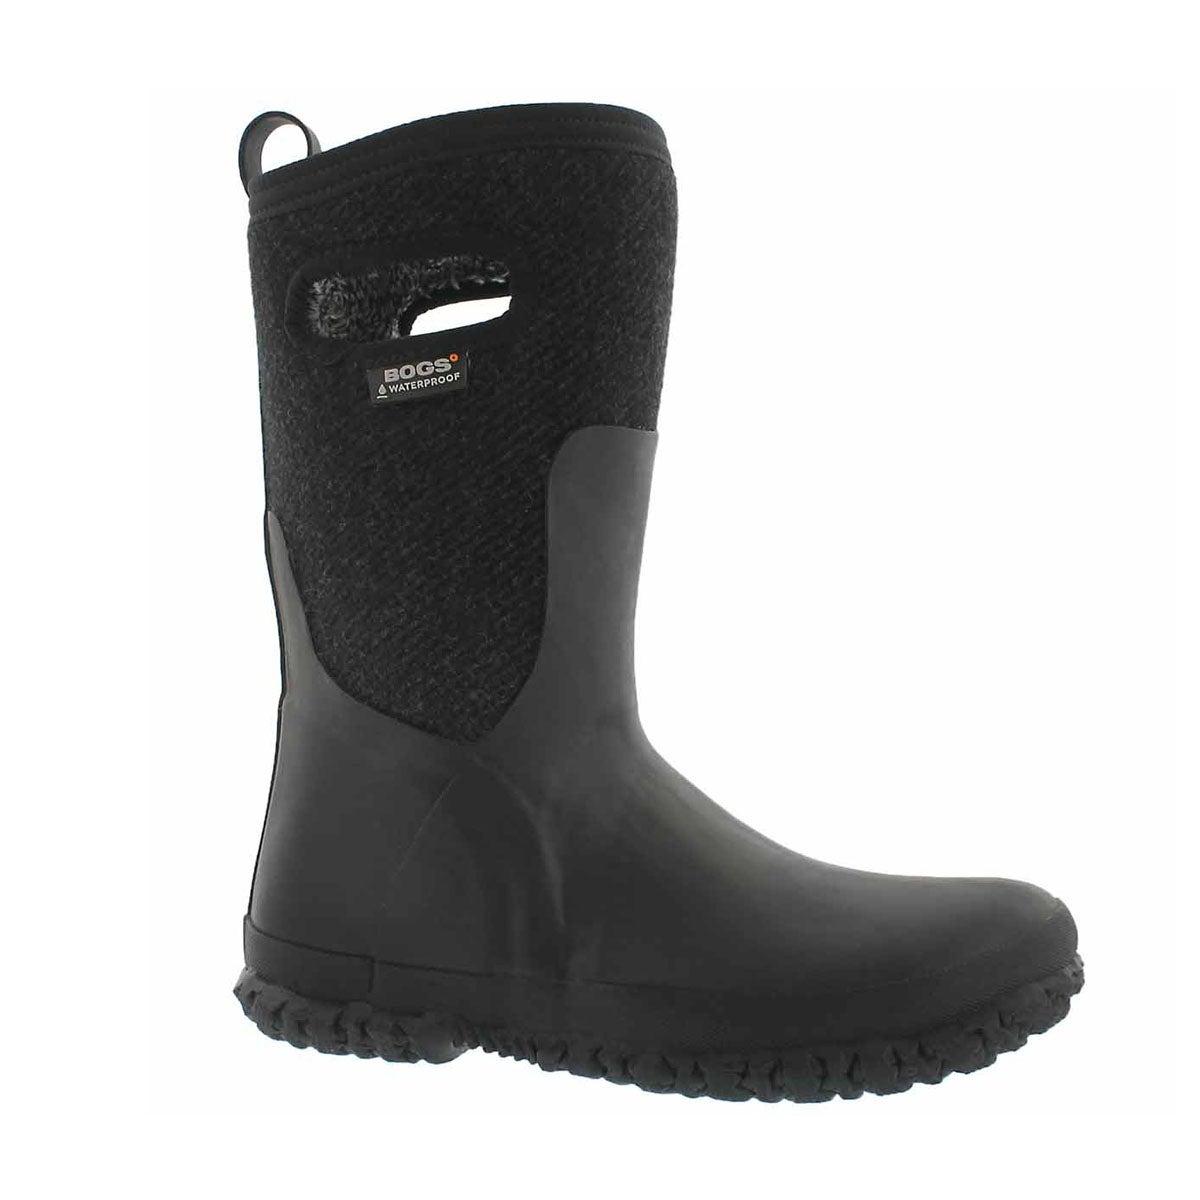 Kids' CRANDAL WOOL black waterproof boots